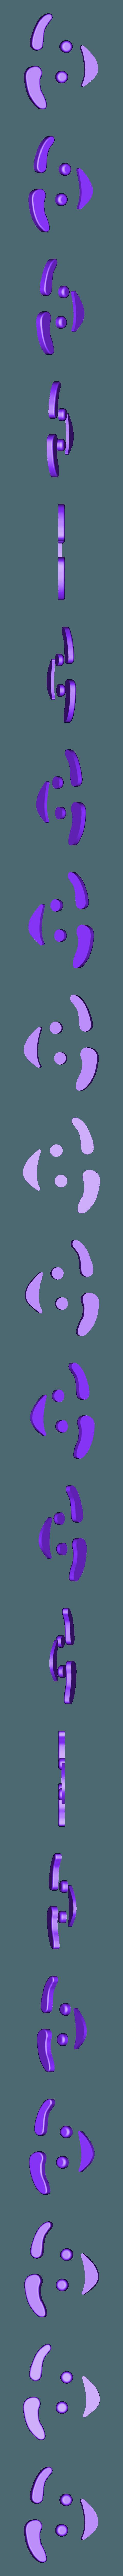 Bacon_Blacks.stl Télécharger fichier STL gratuit Poignée de porte du réfrigérateur Bacon (Remix) • Plan pour impression 3D, Lau85